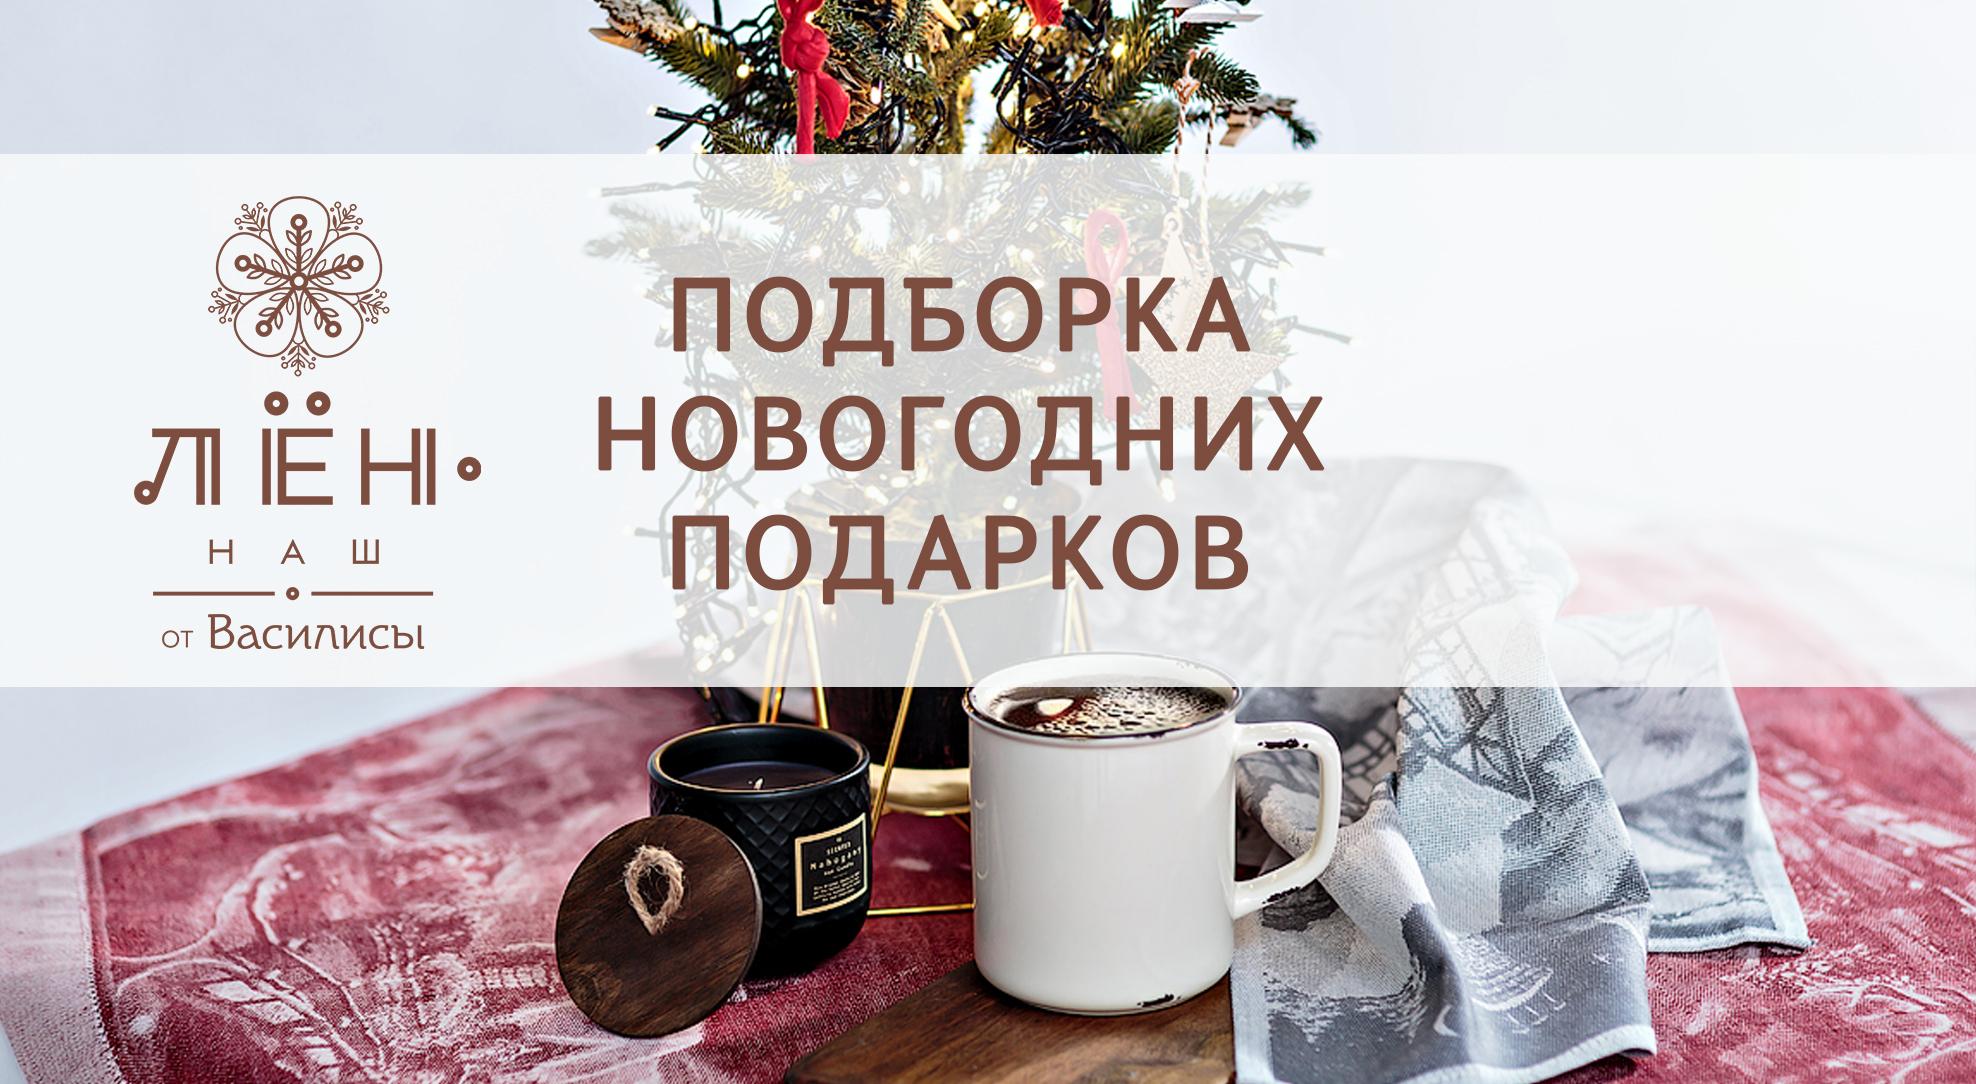 Гид новогодних подарков. ЛёнНаш от Василисы